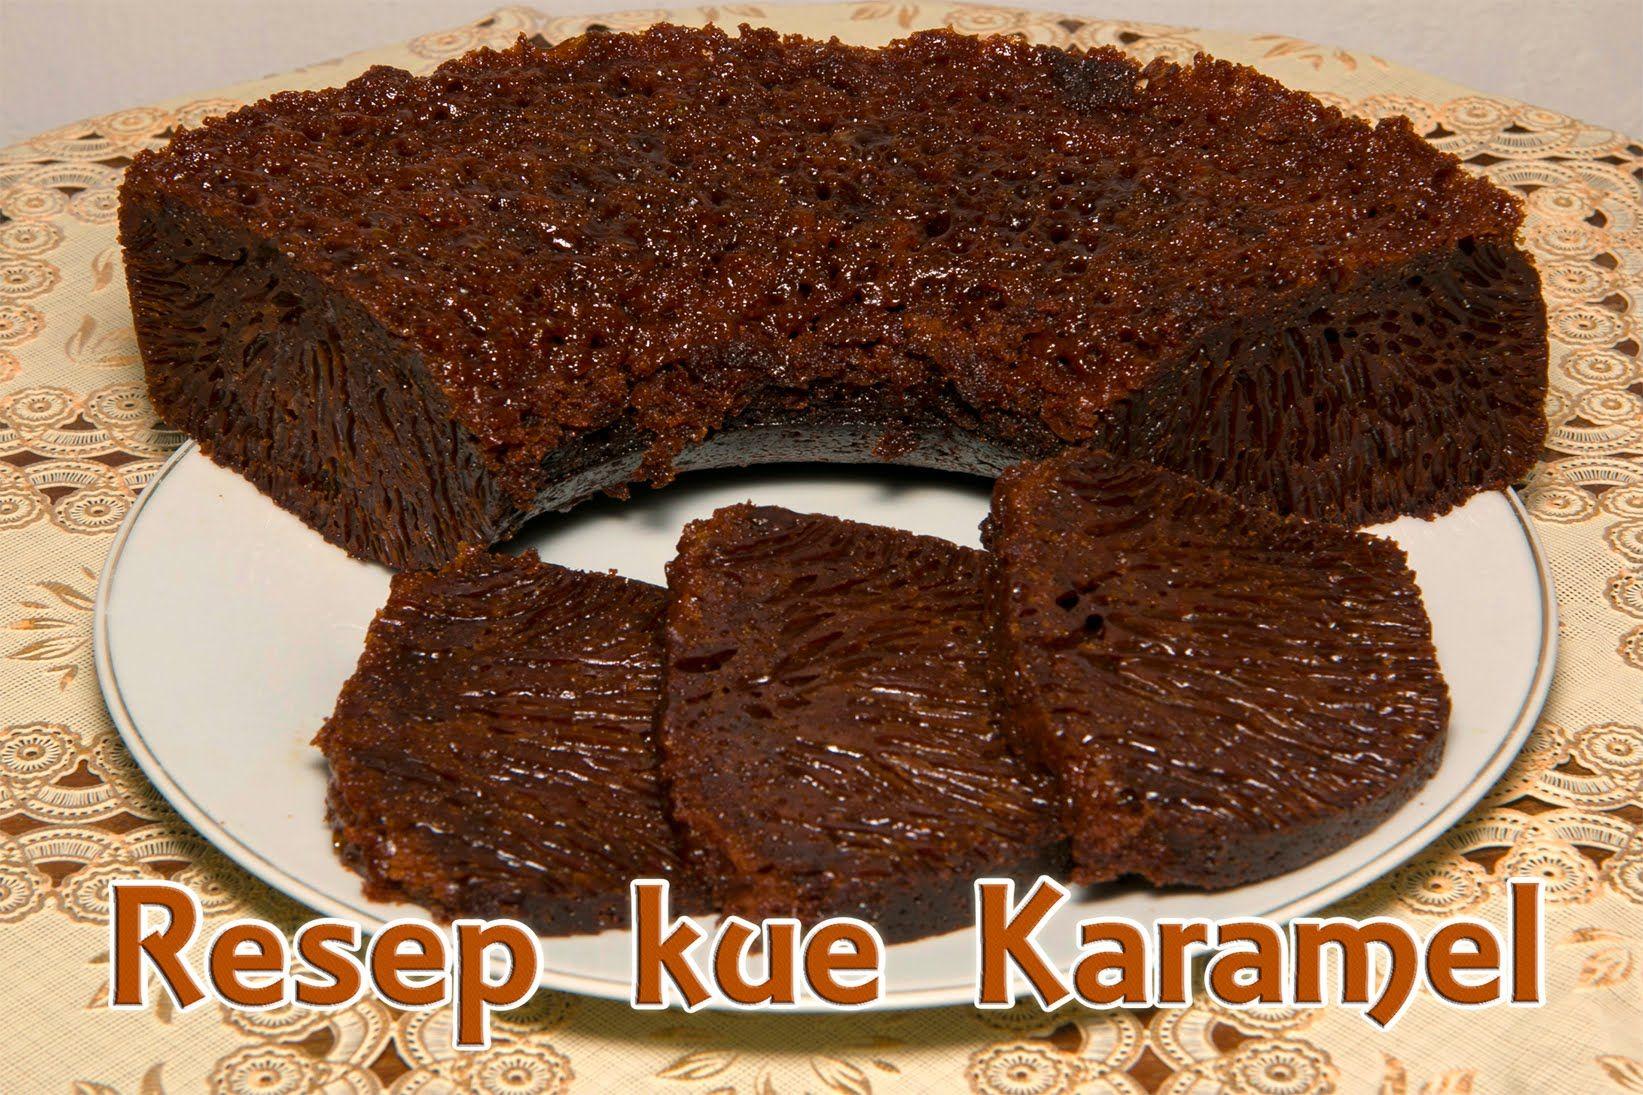 Cara Membuat Kue Karamel 2 Caramel Cake Desserts Kue Resep Kue Resep